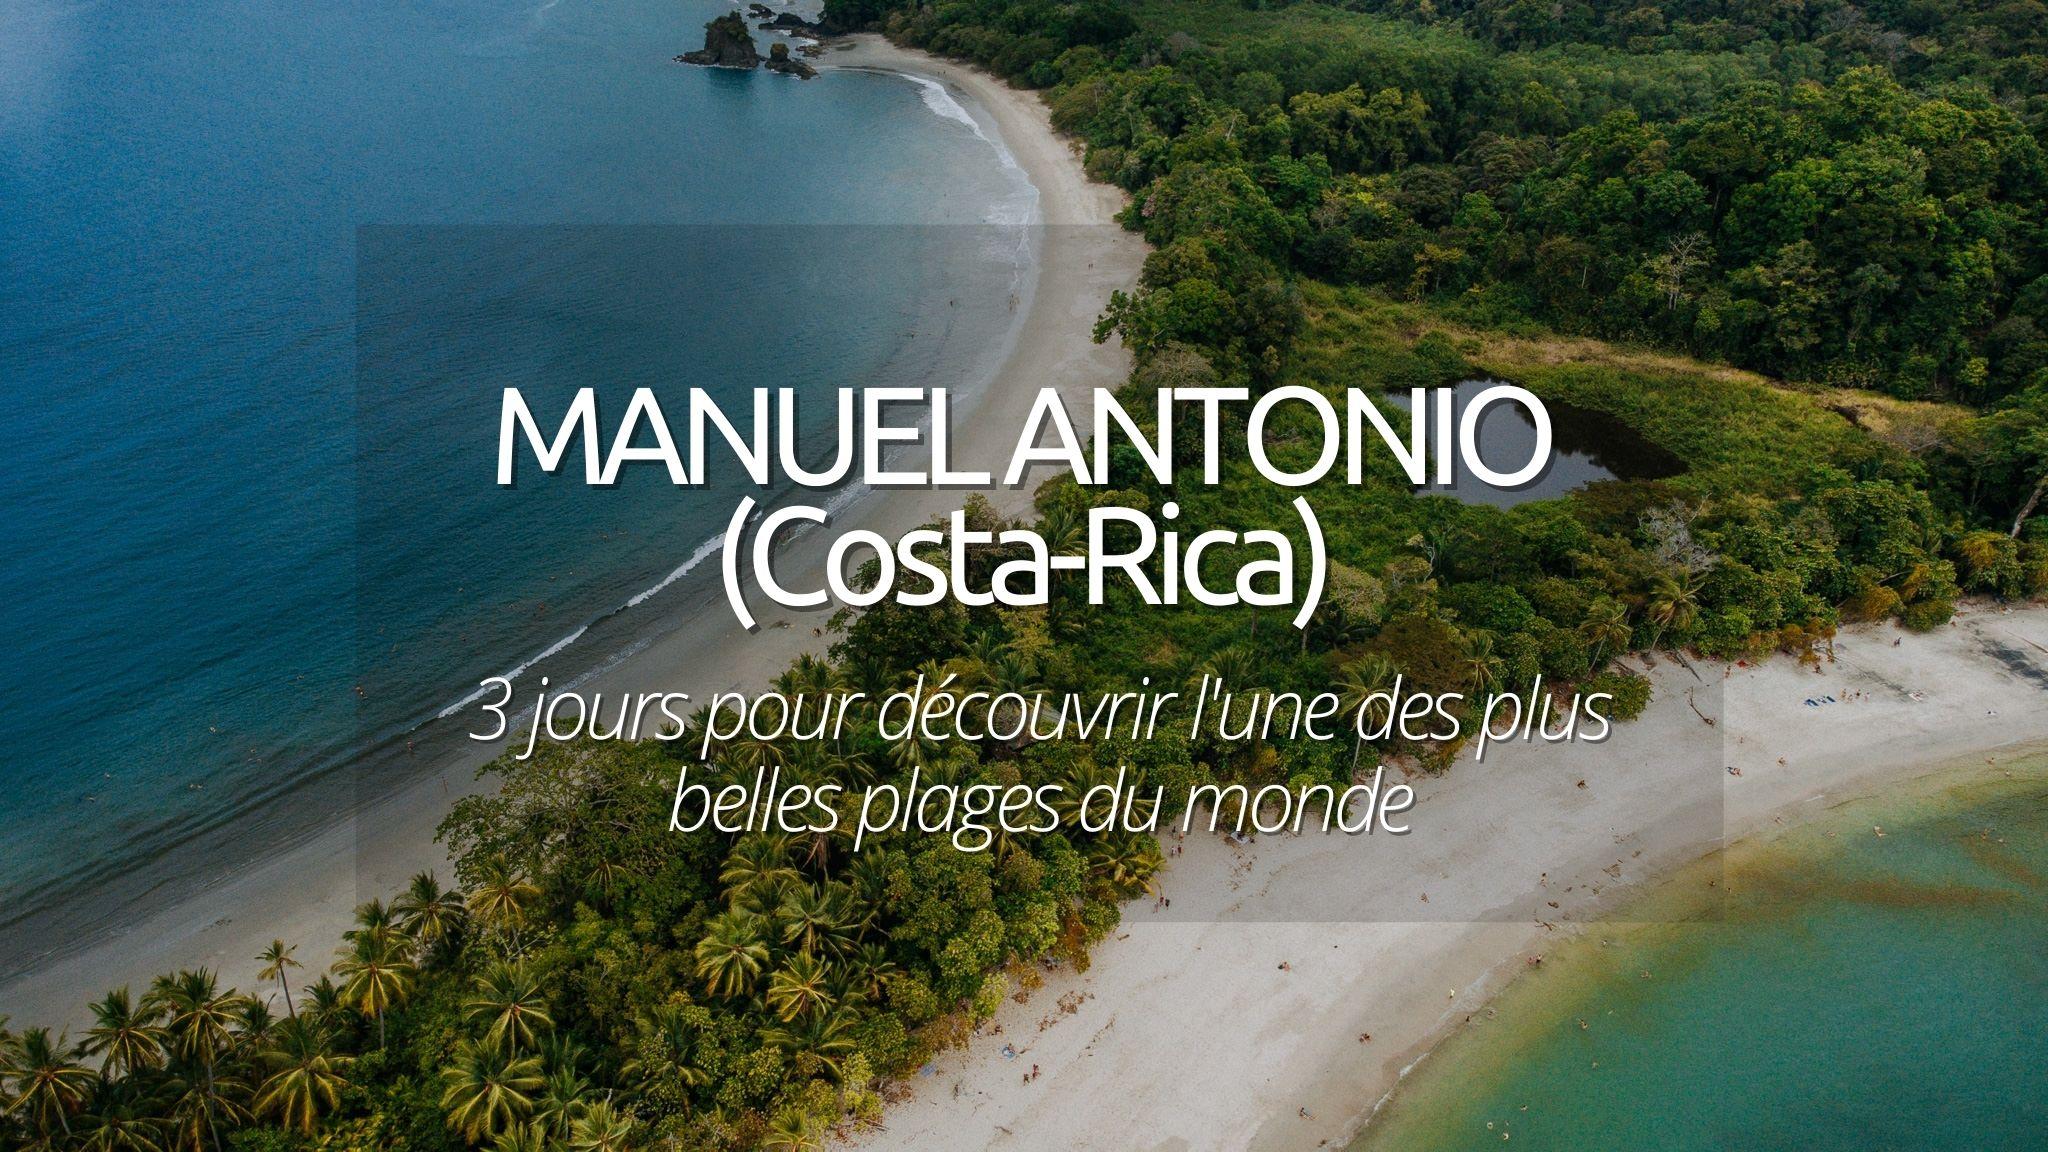 Visiter le parc Manuel Antonio au Costa Rica : que faire sur 3 jours ?